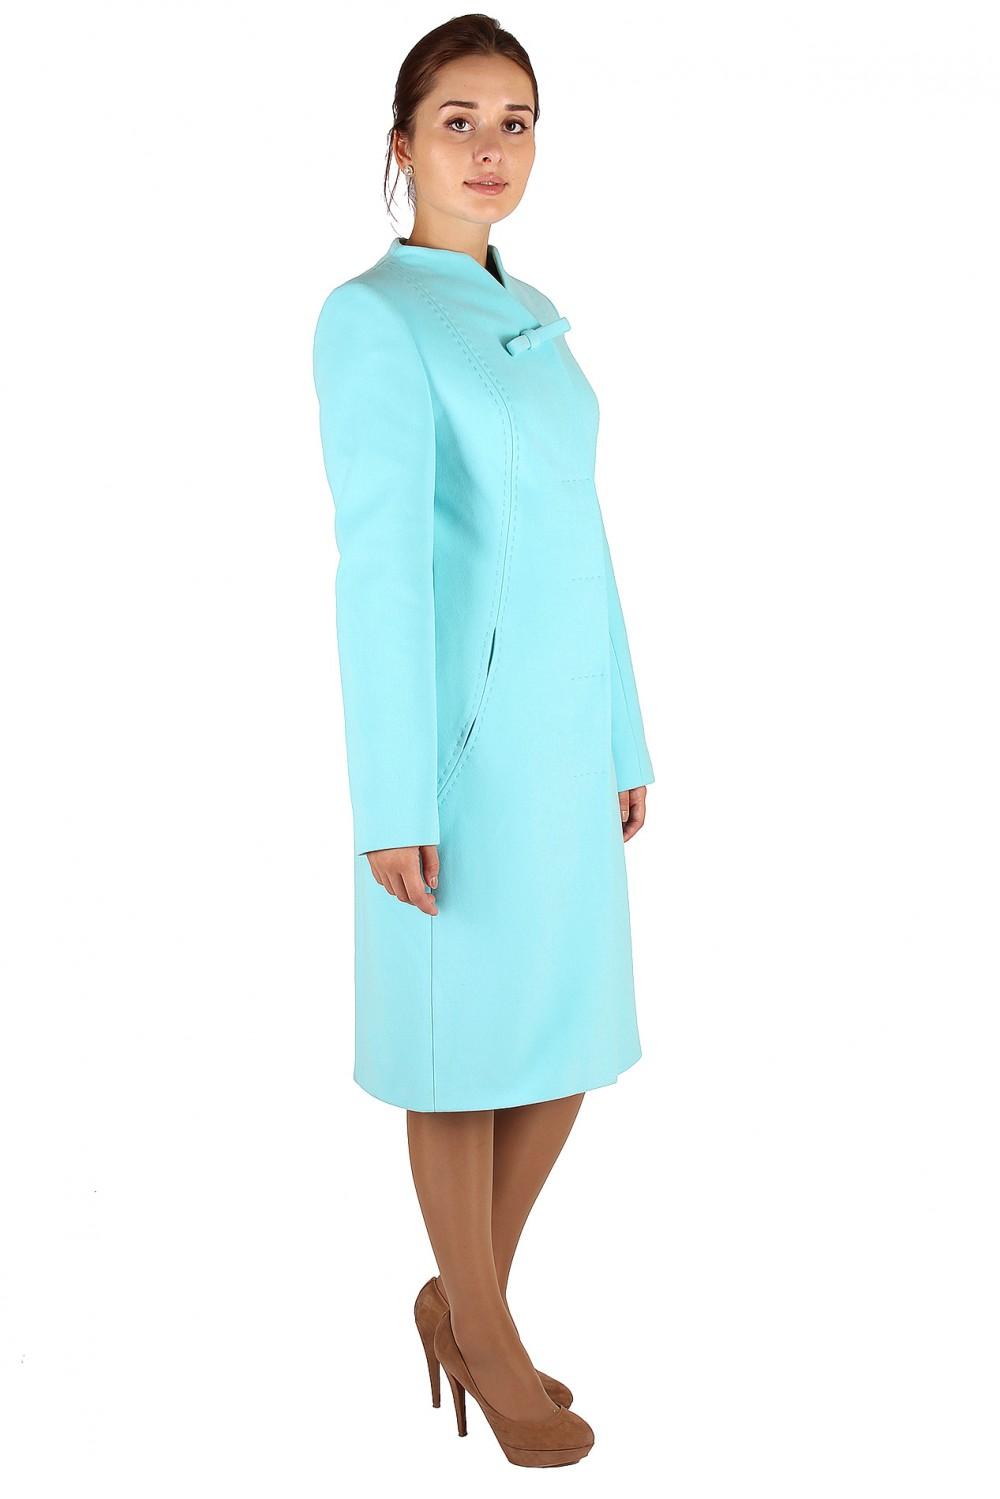 Купить оптом Пальто женское голубого цвета 391Gl в Казани